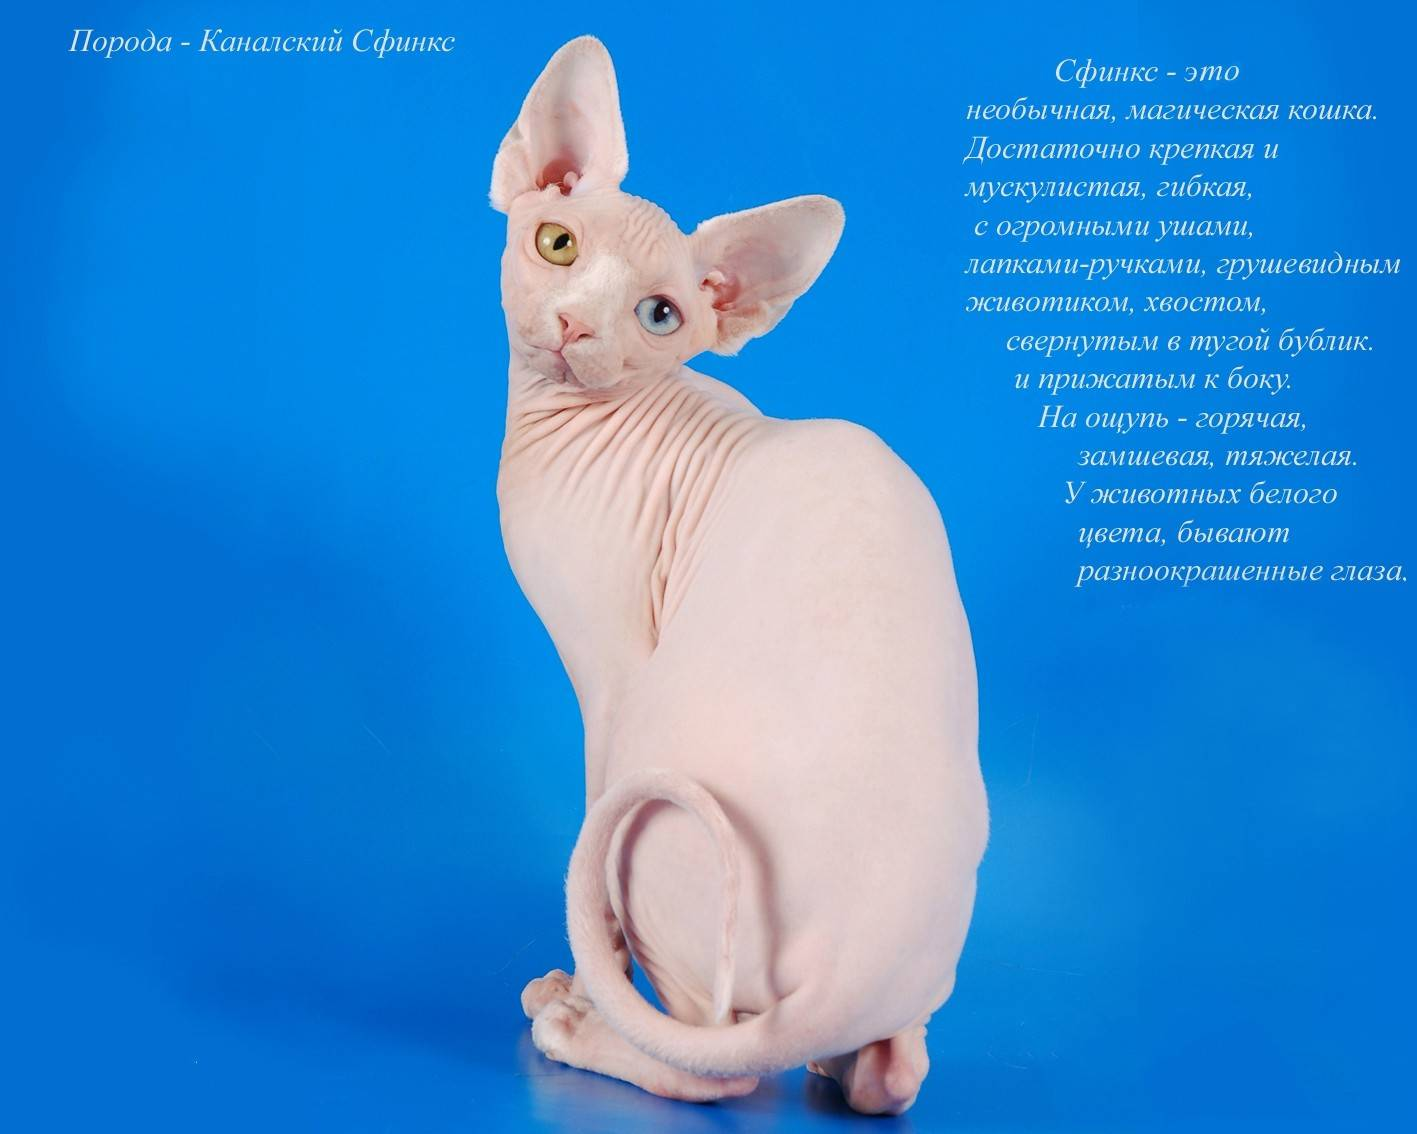 Лысые крысы (28 фото): сколько живут сфинксы? как ухаживать за домашней декоративной крысой?